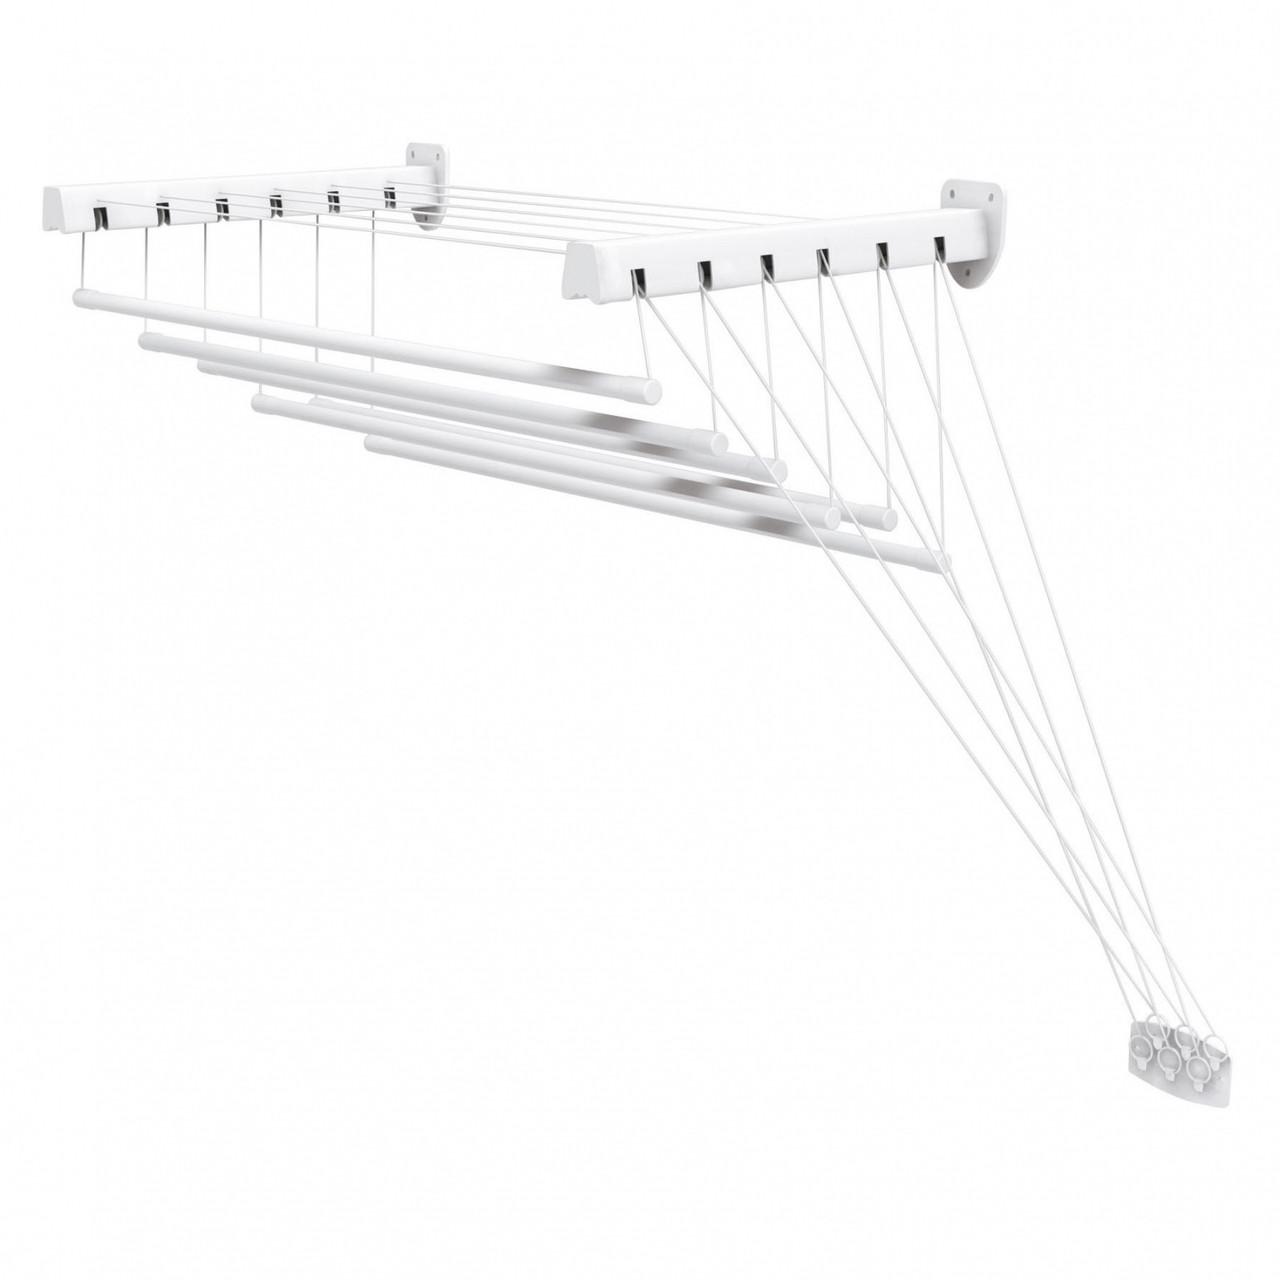 Сушилка для белья настенно-потолочная Gimi Lift 160 9.5м (153566)